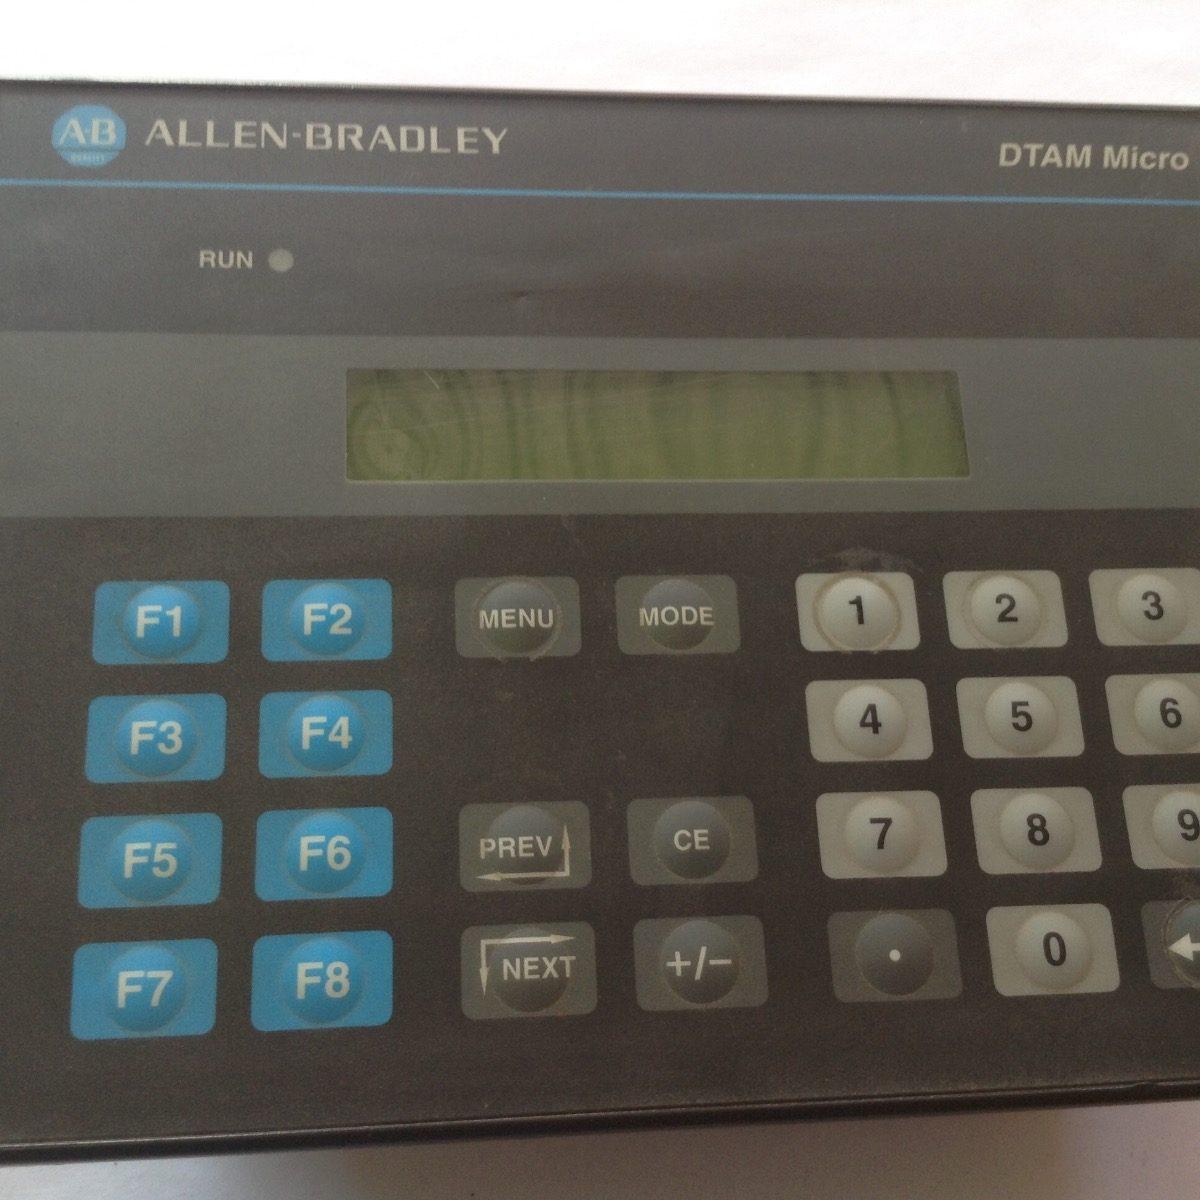 Dtam Micro 272-m485p3 Allen Bradley - $ 3,200 00